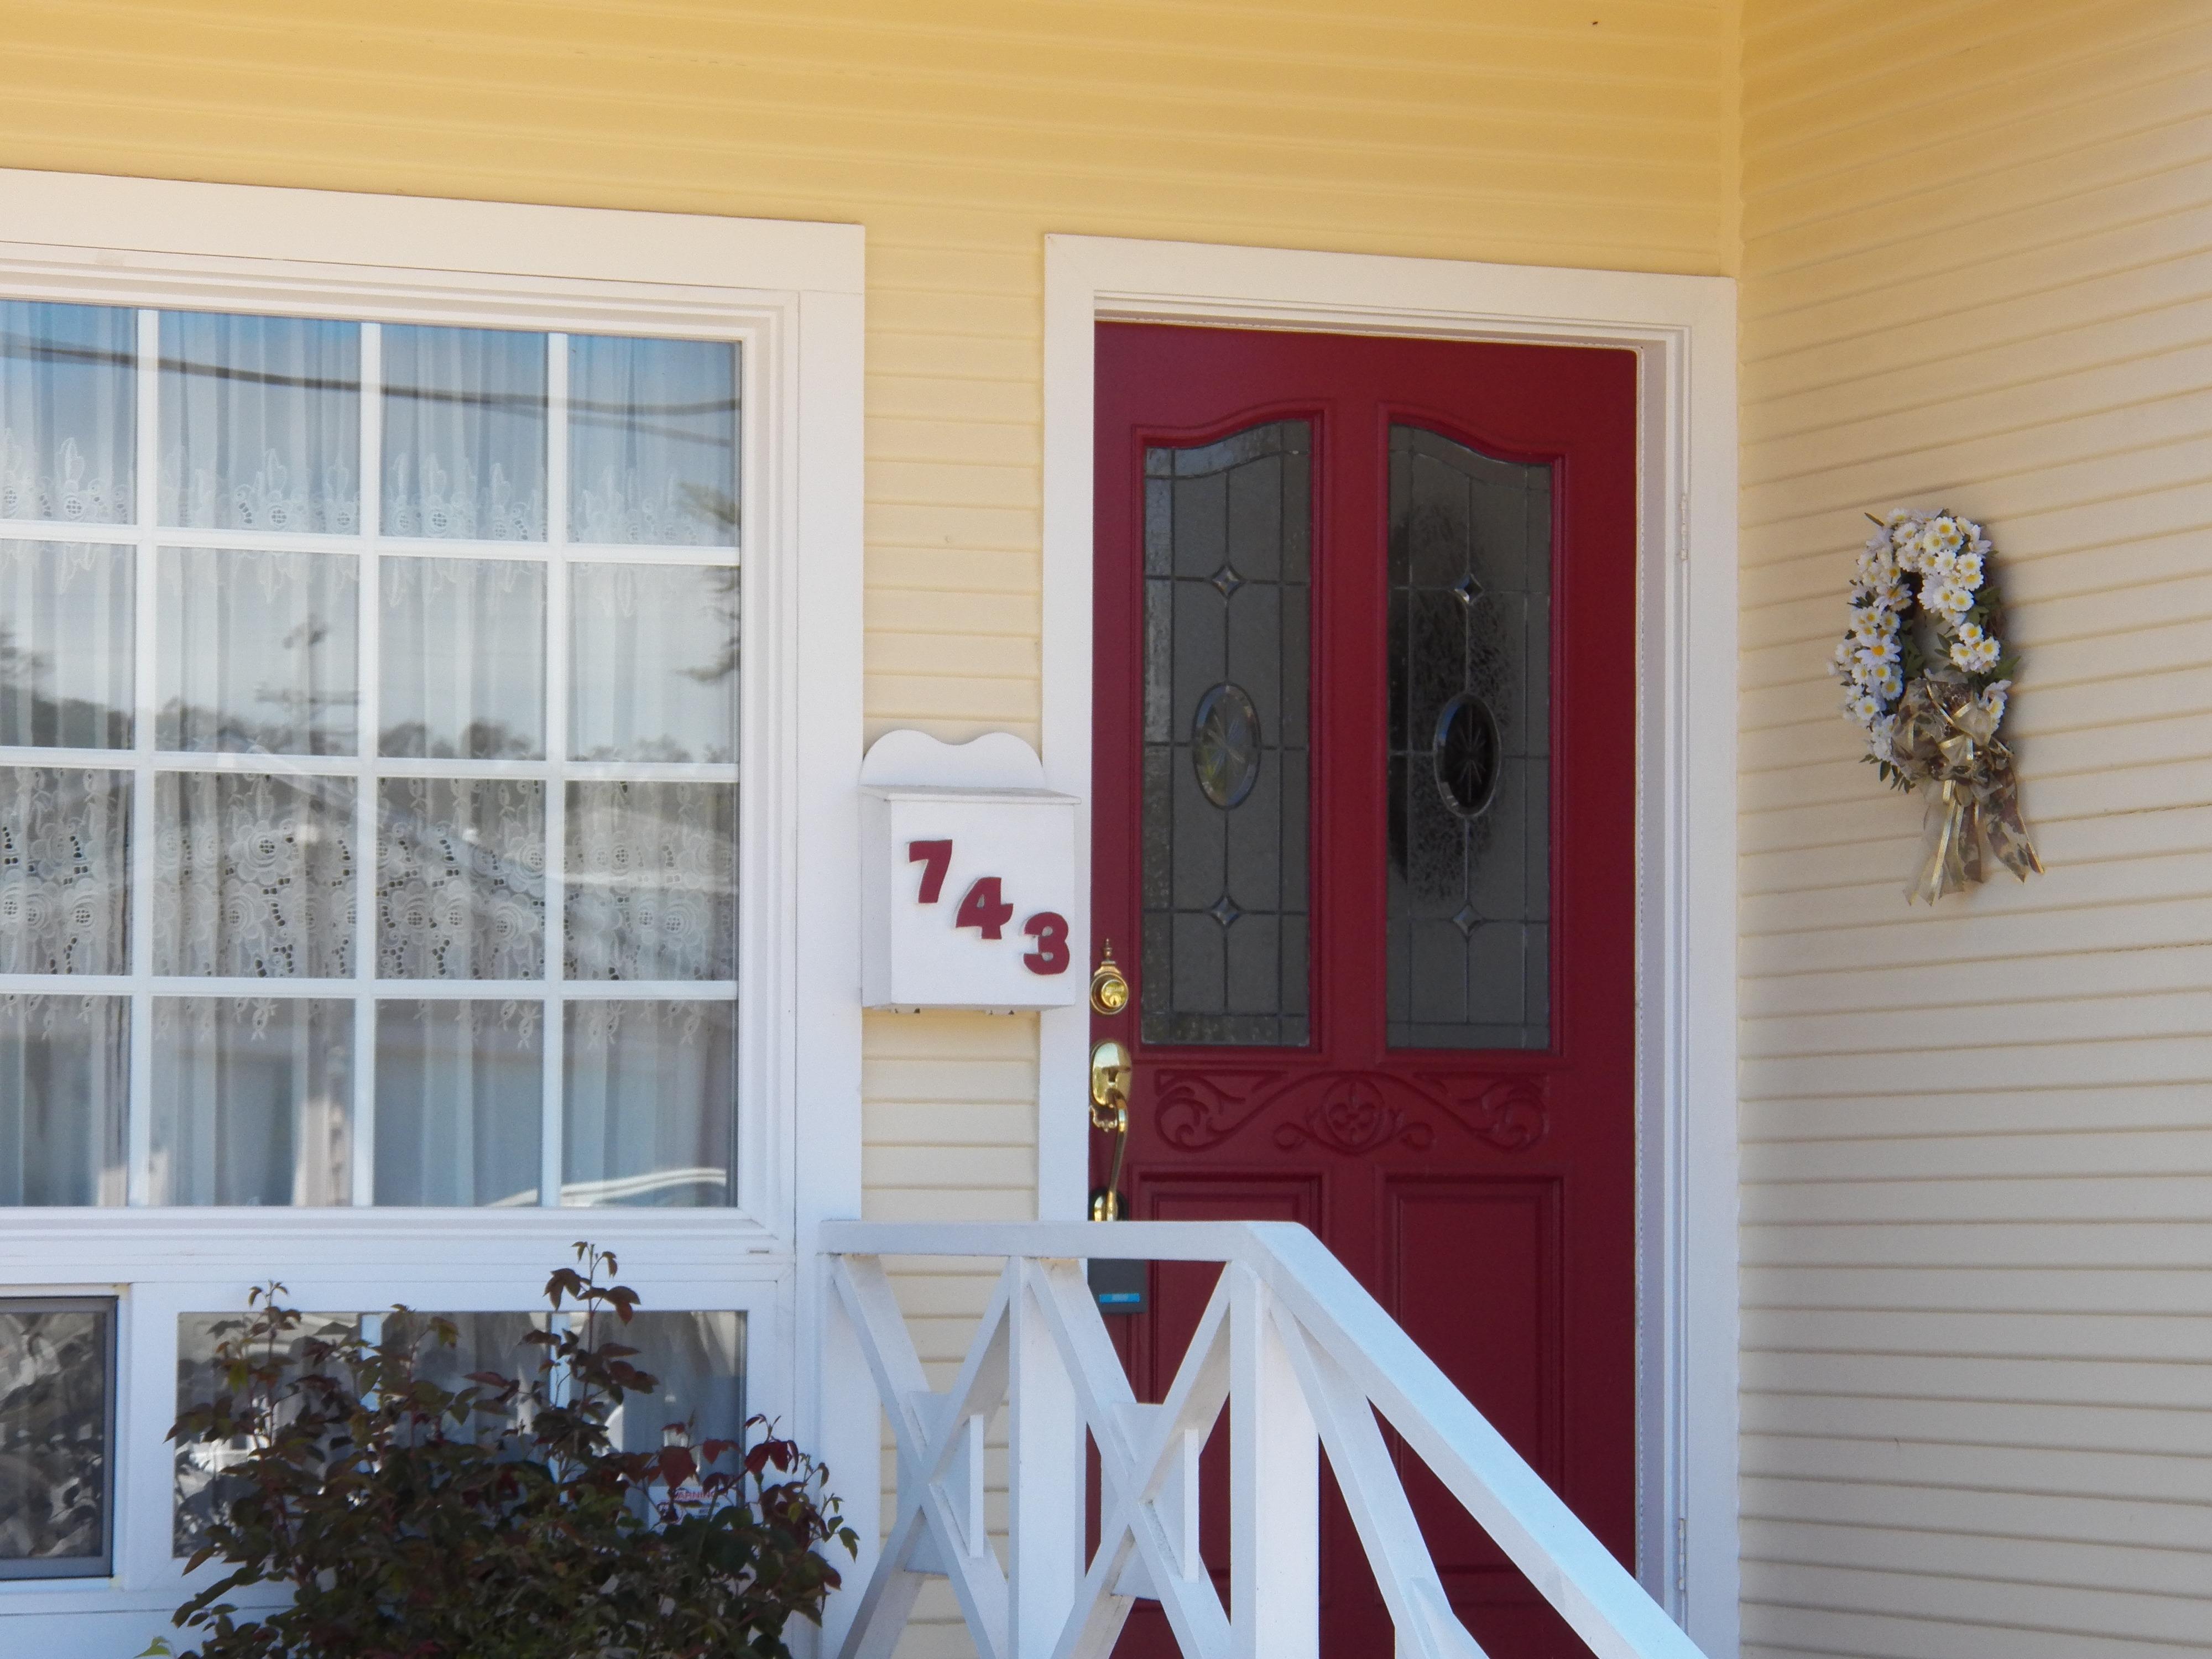 Gratis afbeeldingen : architectuur hout huis venster huis muur